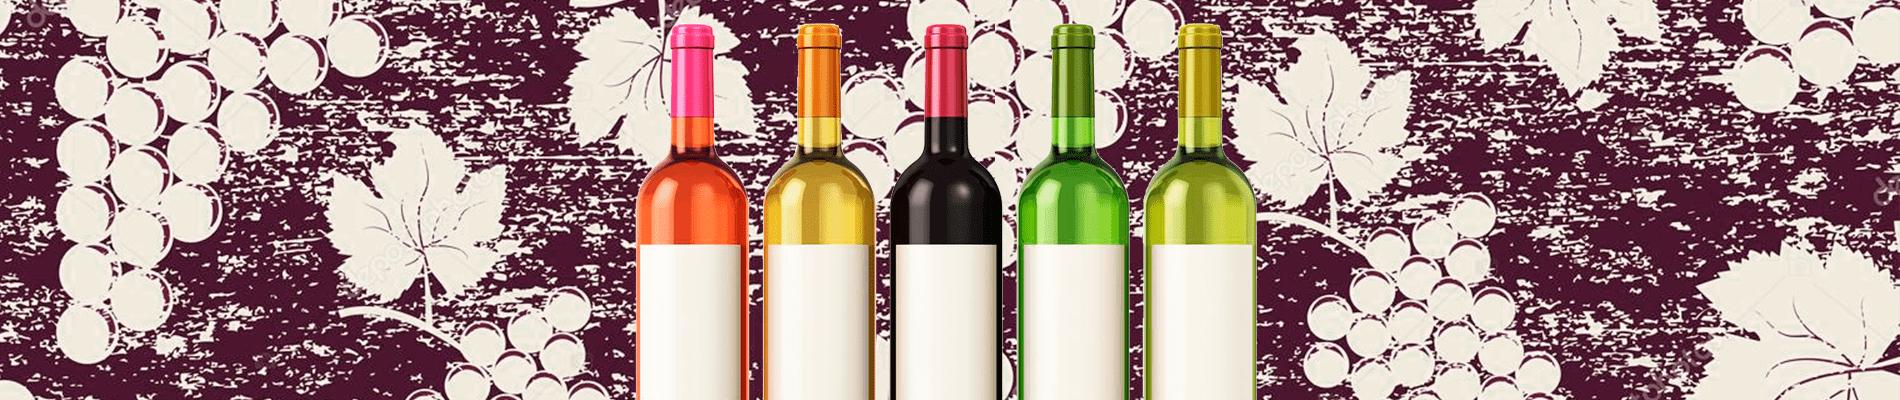 Estilos de vinos